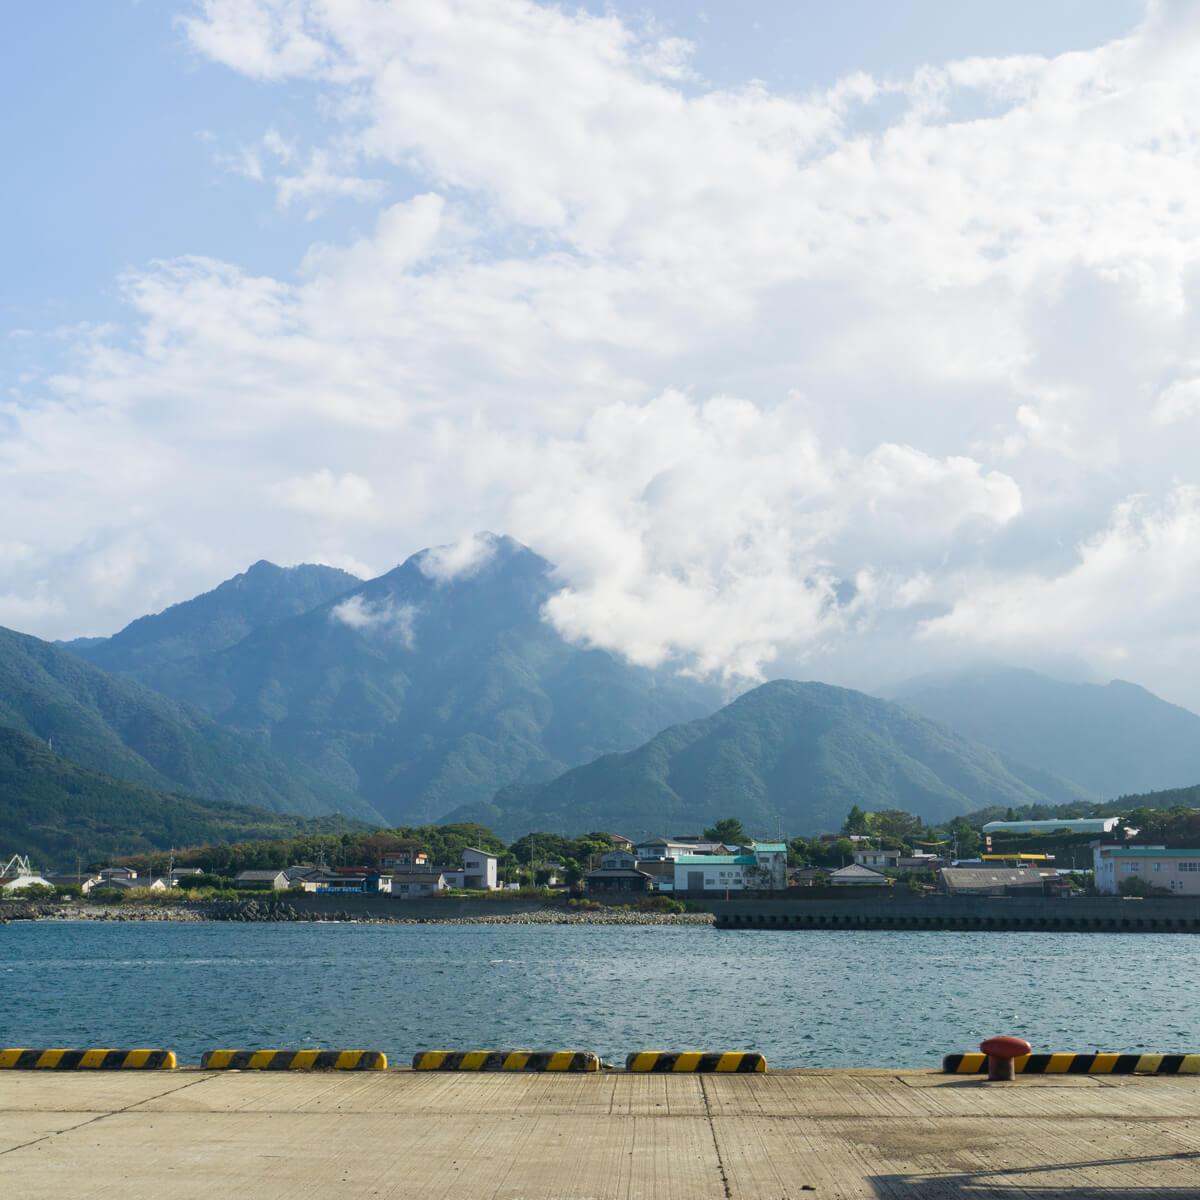 屋久島の港 山々と海とジュエリー オーダーメイドジュエリーのインスピレーション